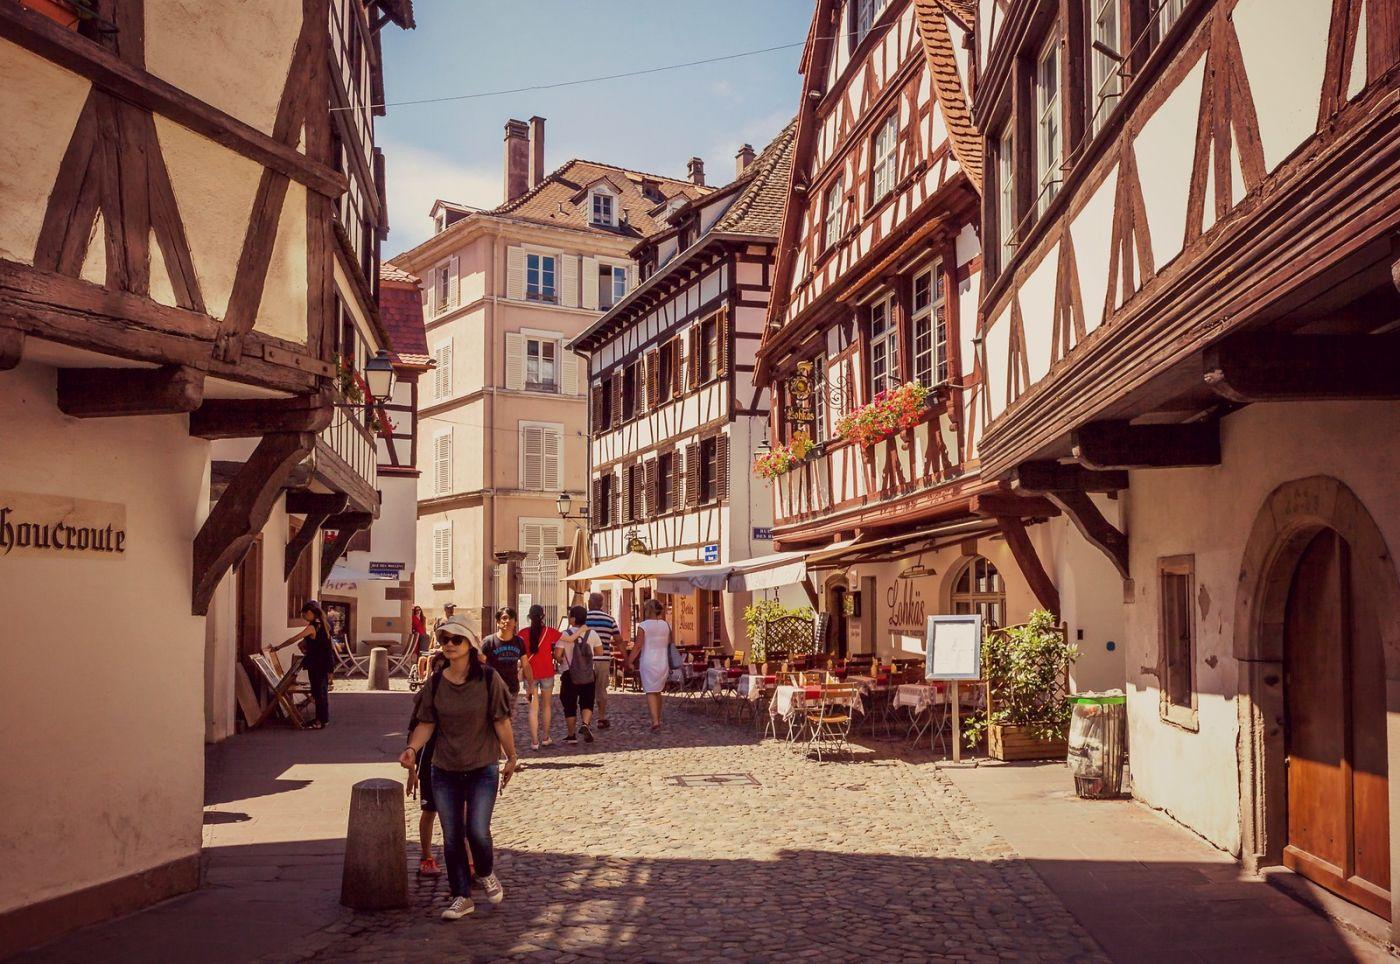 法国斯特拉斯堡(Strasbourg),边走边拍_图1-37